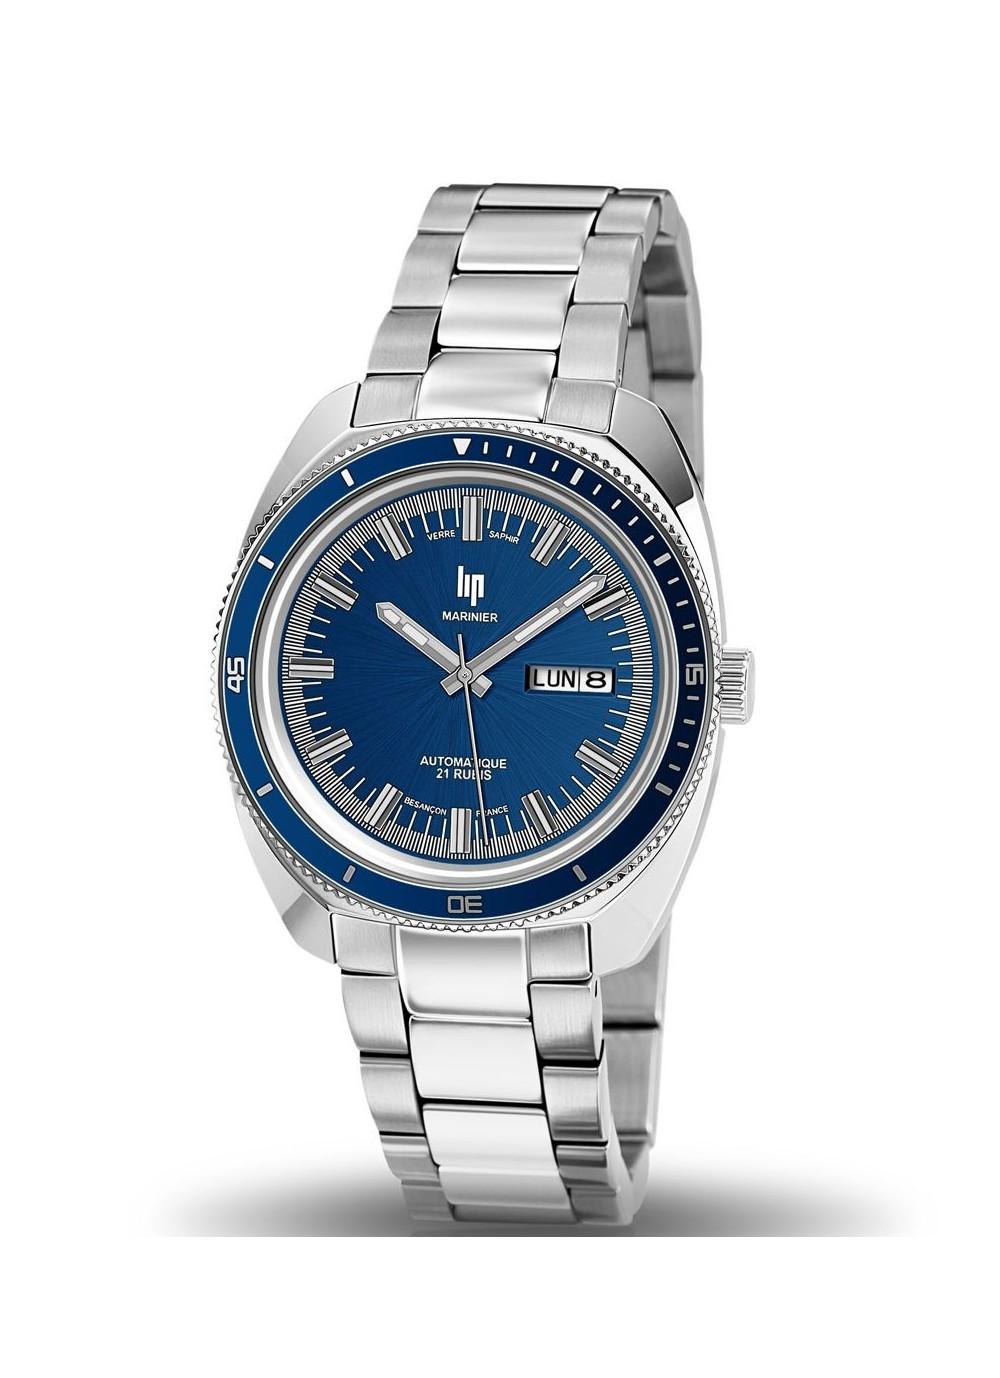 montre lip, marinier, cadran bleu, 671363, étanche 200 mètres, automatique, verre saphir, bracelet acier